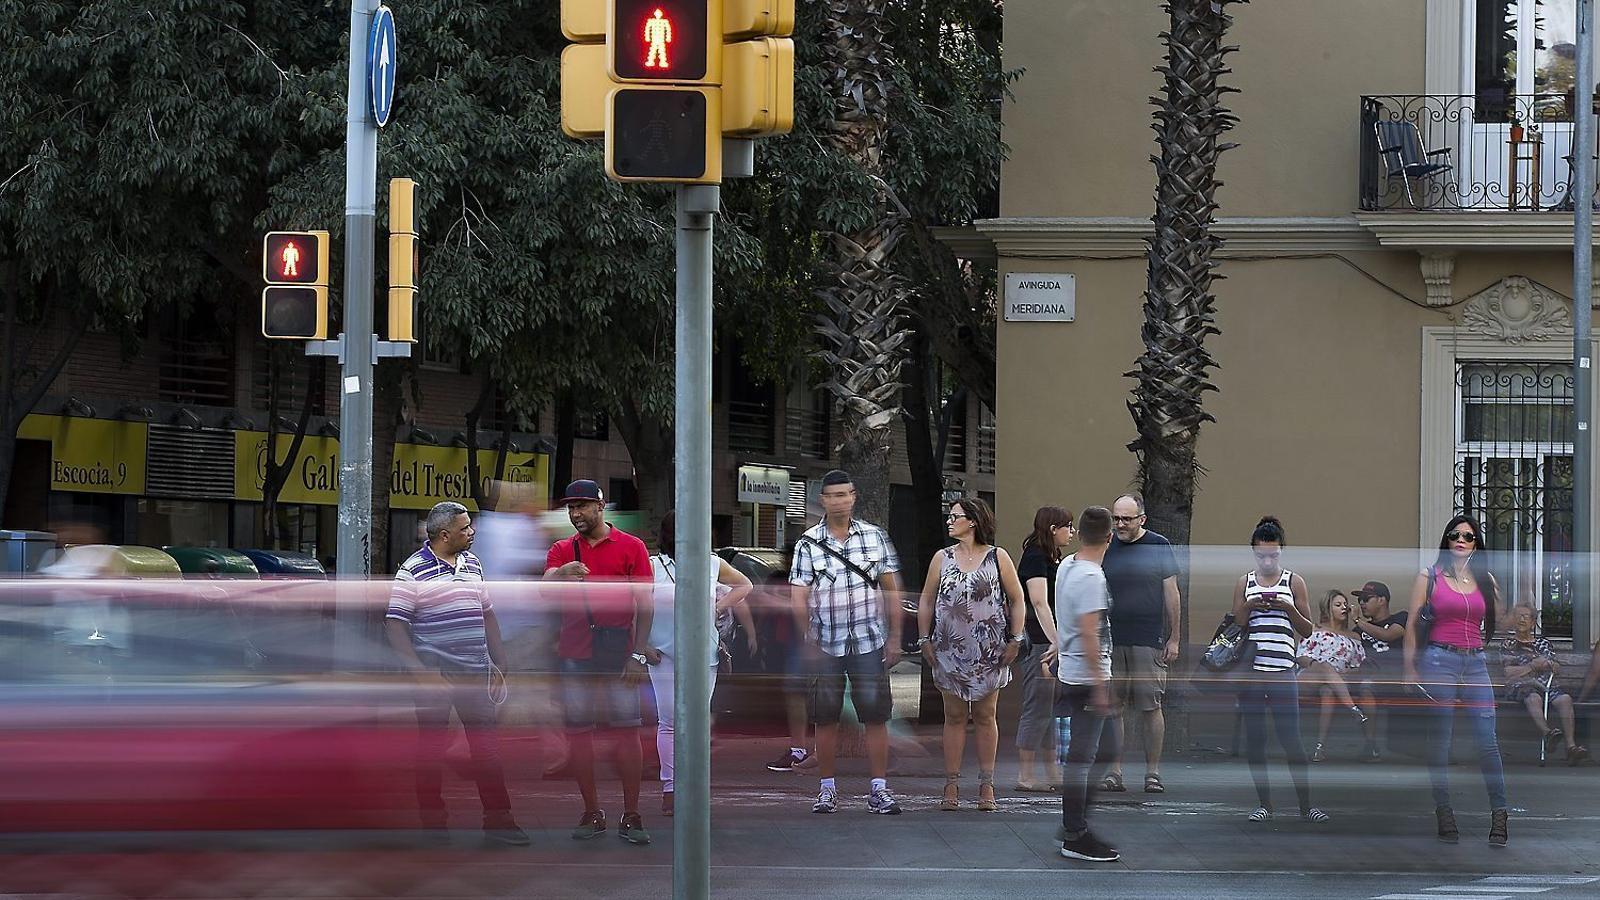 Barcelona reajustarà els semàfors cap a la mobilitat sostenible